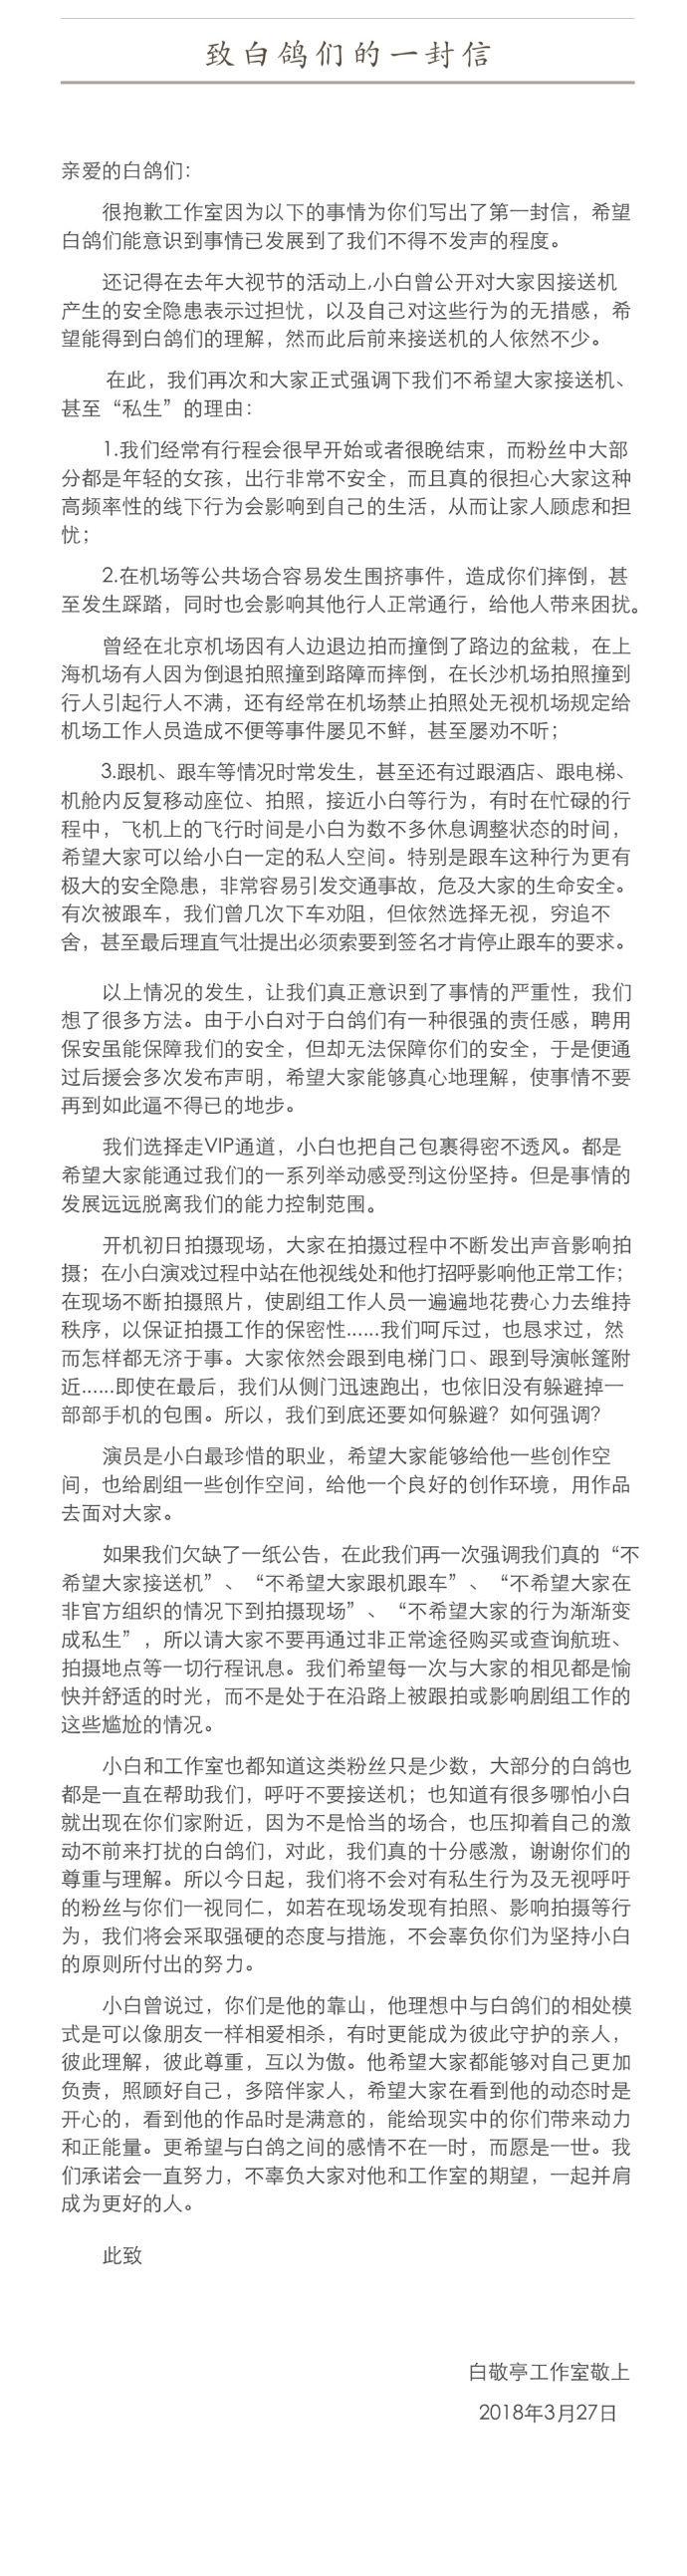 白敬亭工作室发声抵制私生饭:将采取强硬态度与措施